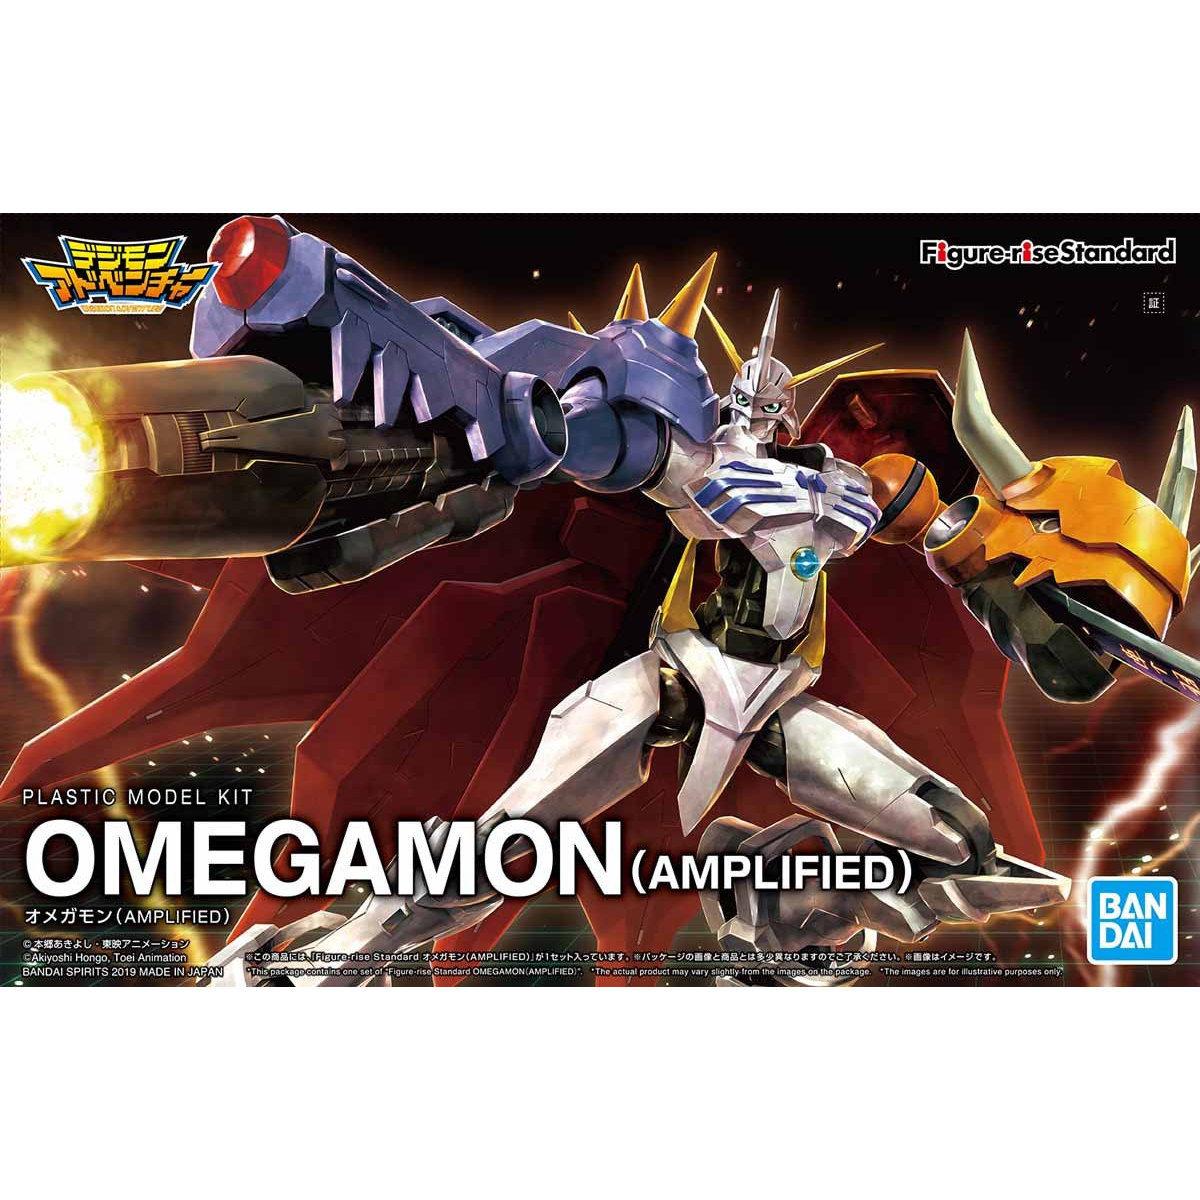 【再販】Figure-rise Standard『オメガモン(AMPLIFIED)』デジモンアドベンチャー プラモデル-009